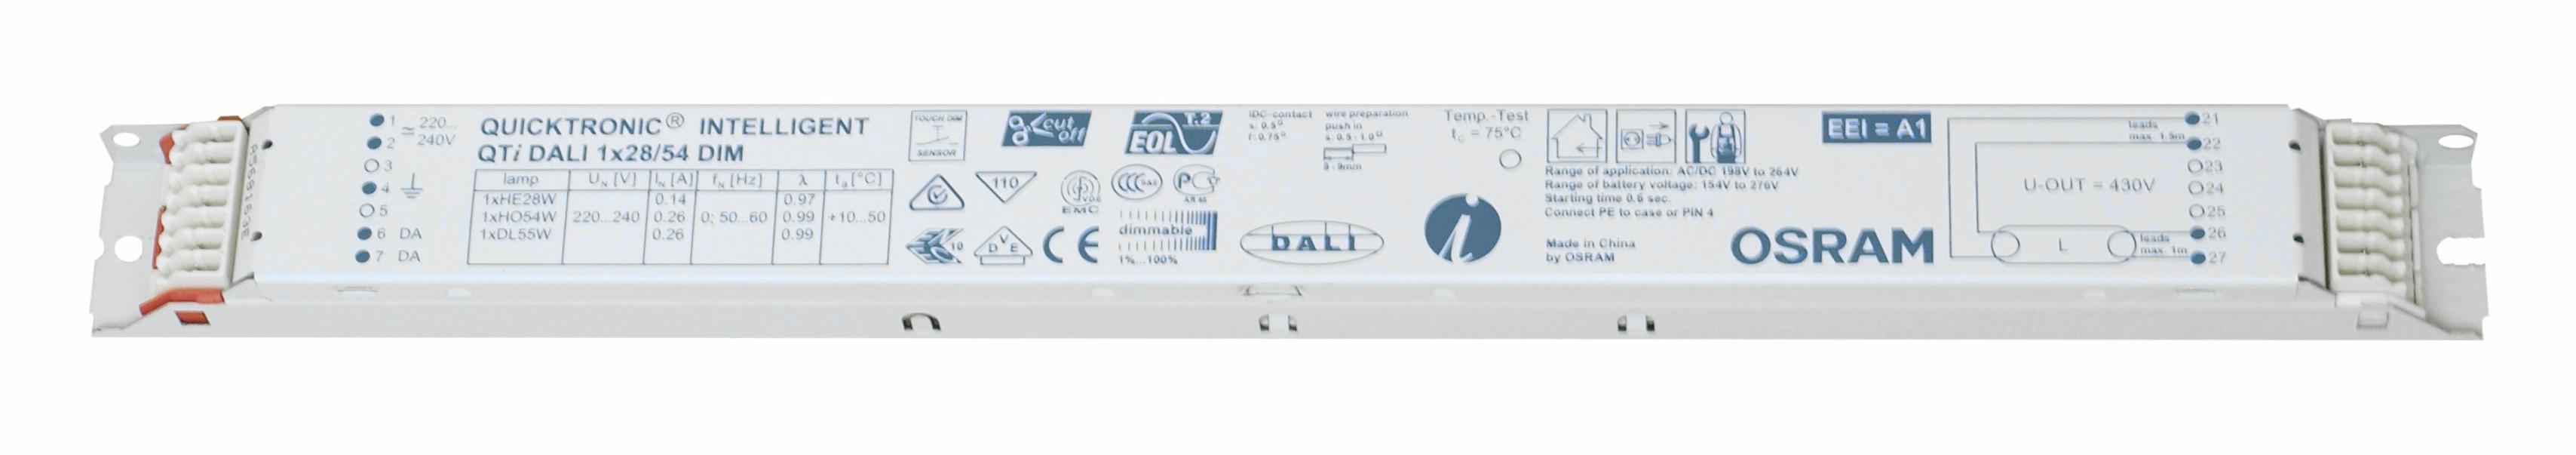 1 Stk EVG QTIDALI 2x14/24/220-240 für T5 dimmbar DALI LI5Z870861